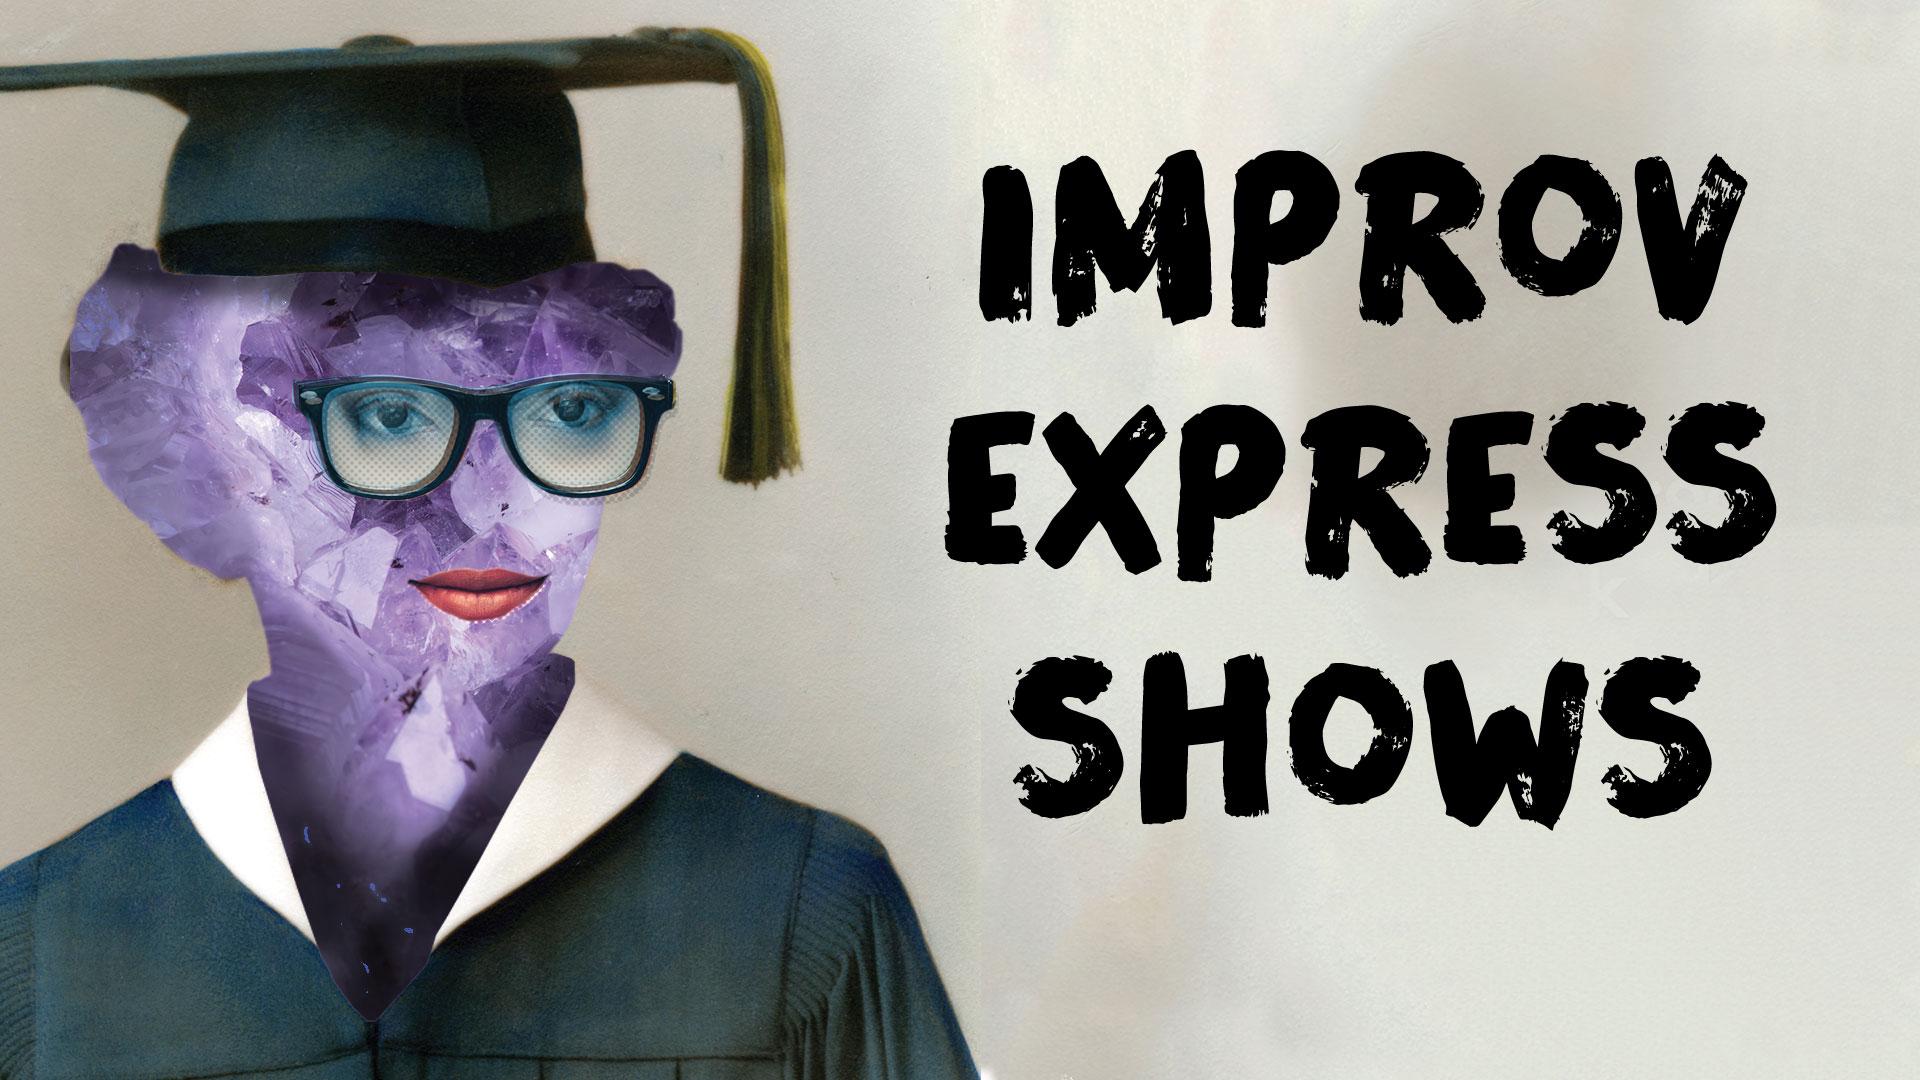 Improv Express